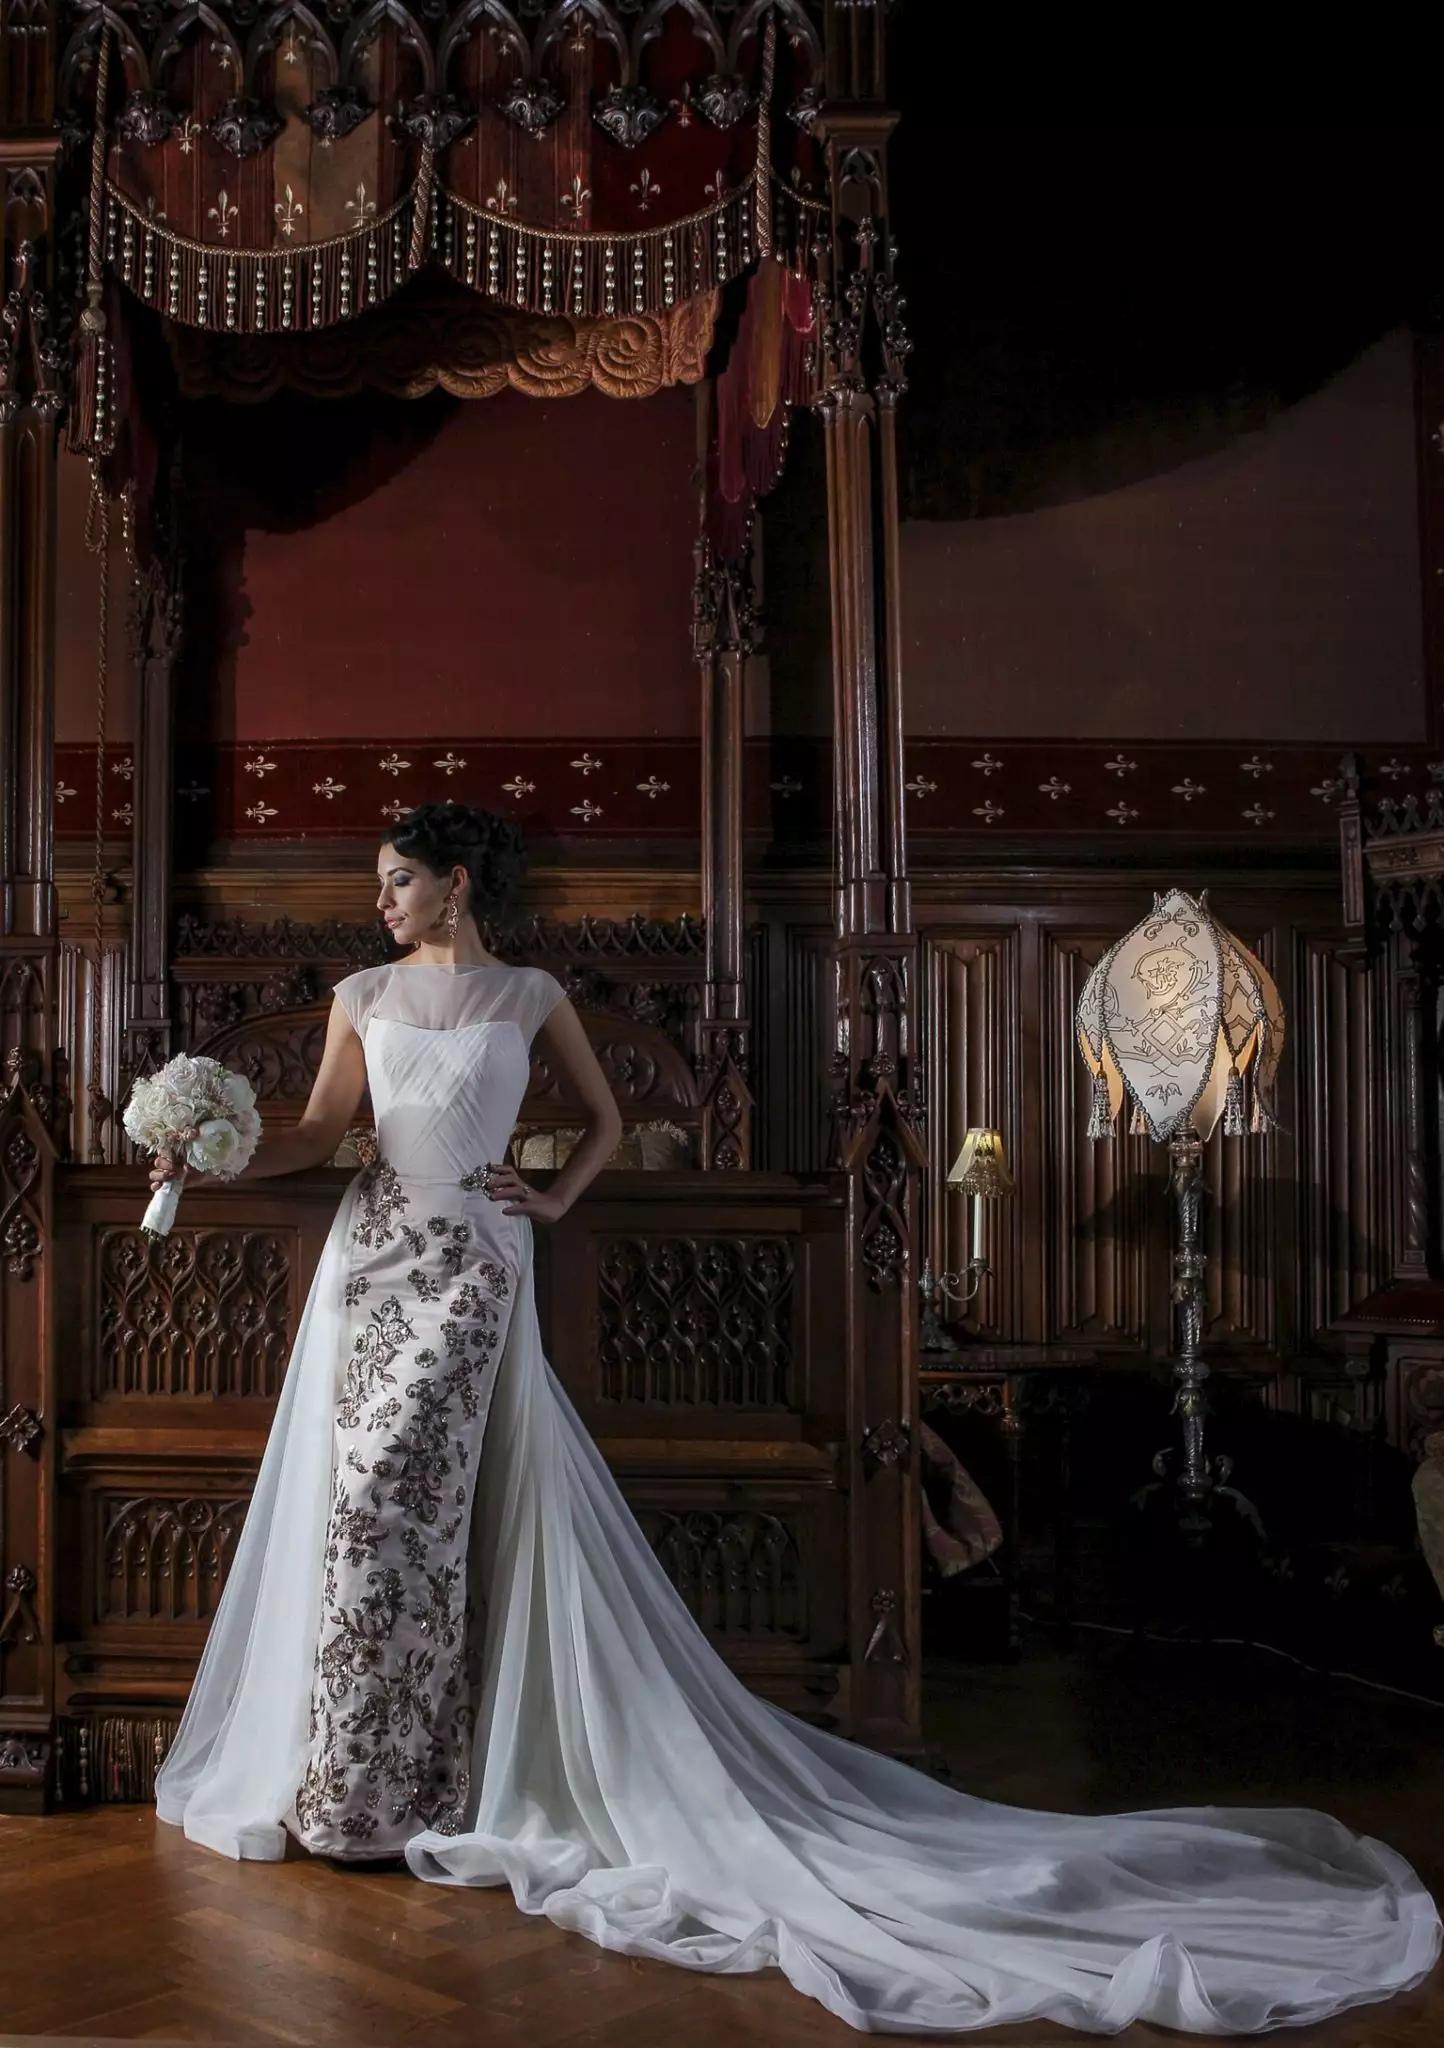 hJpF qopI8M - 21 романтическое платье для невесты в 2021 свадебном сезоне